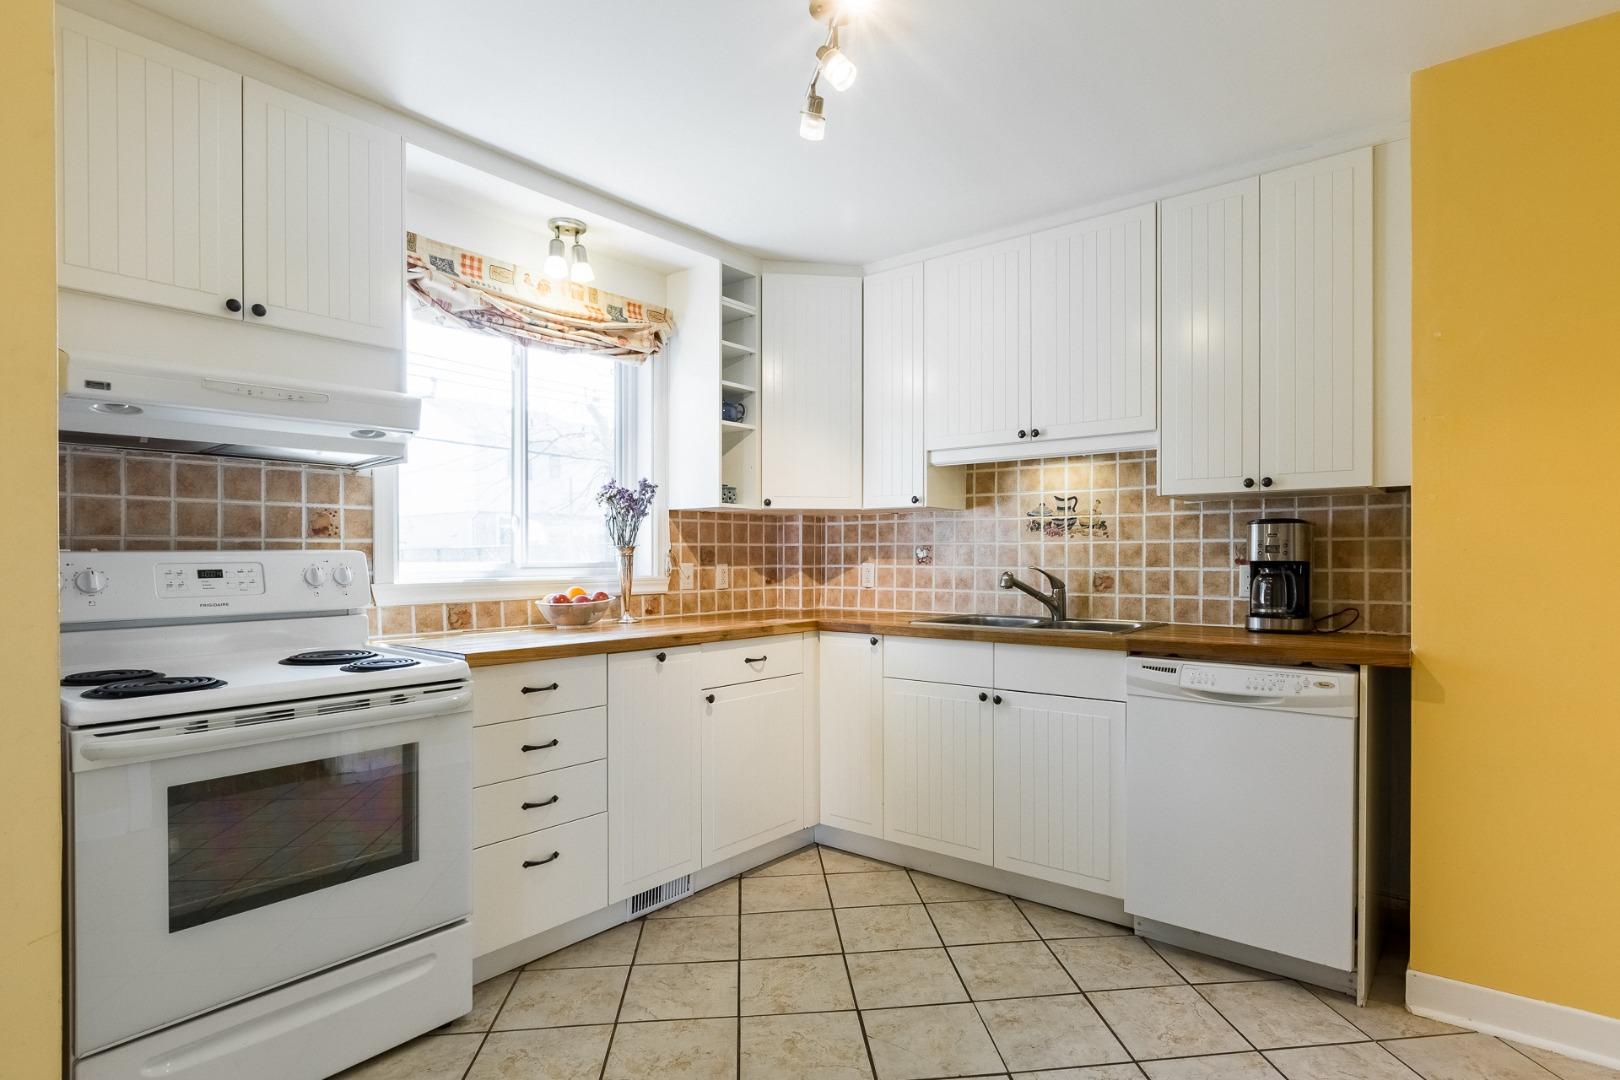 Maison à vendre_-_4351_rue_gilles_-_pierrefonds_-_steve_rouleau_-_al12.jpg